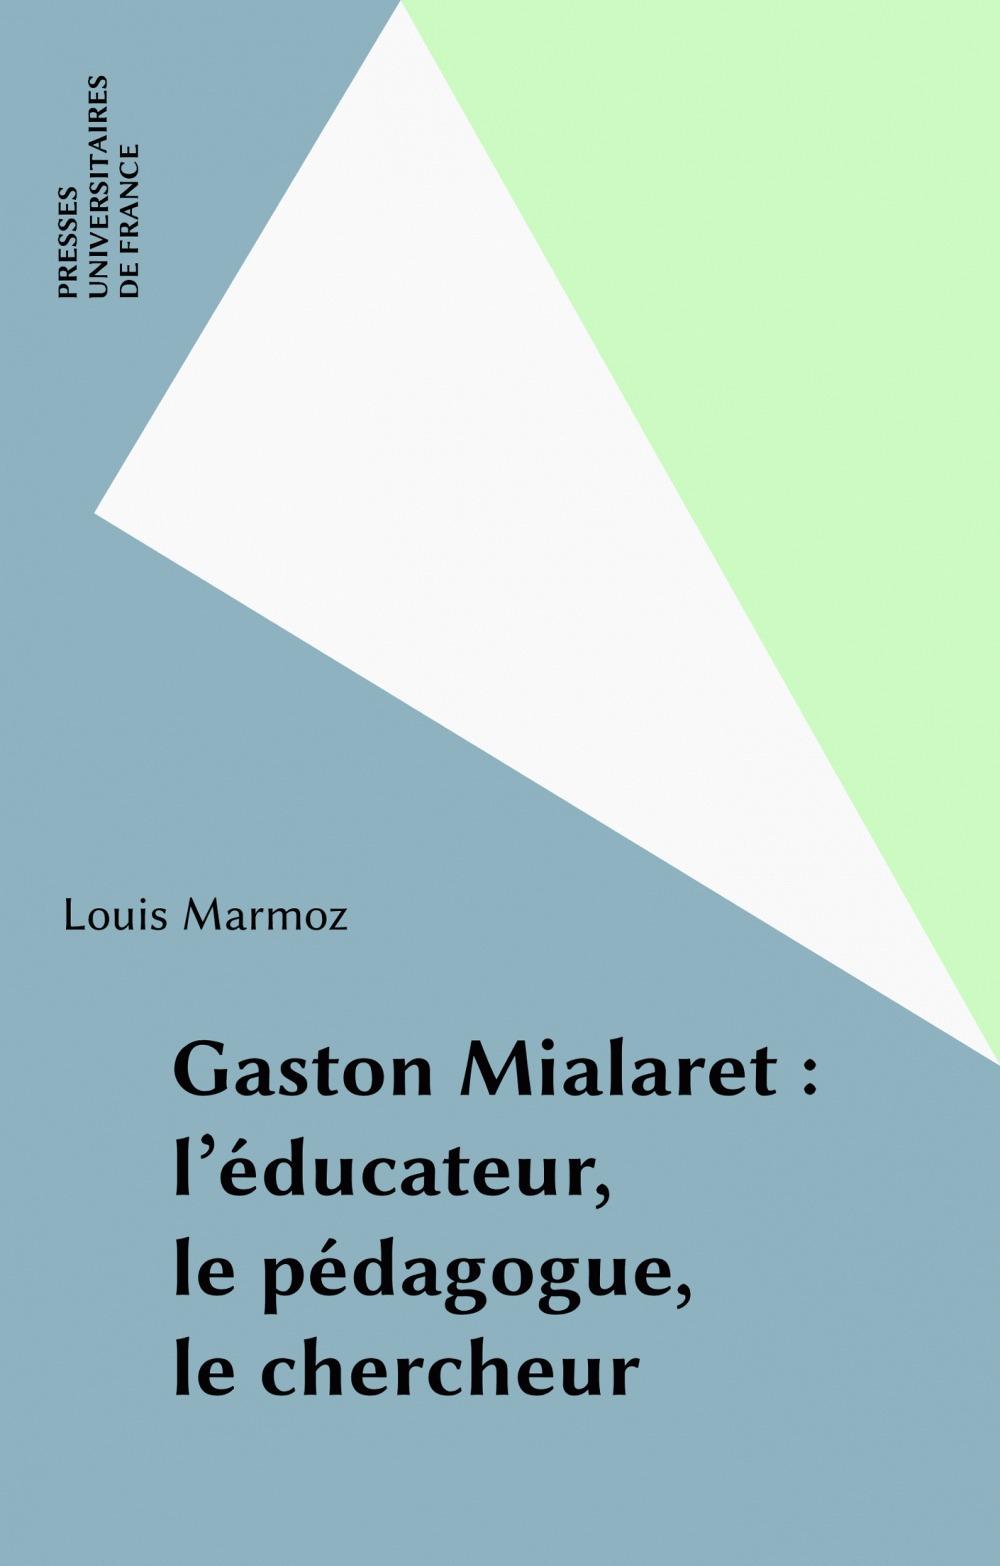 Louis Marmoz Gaston Mialaret : l'éducateur, le pédagogue, le chercheur